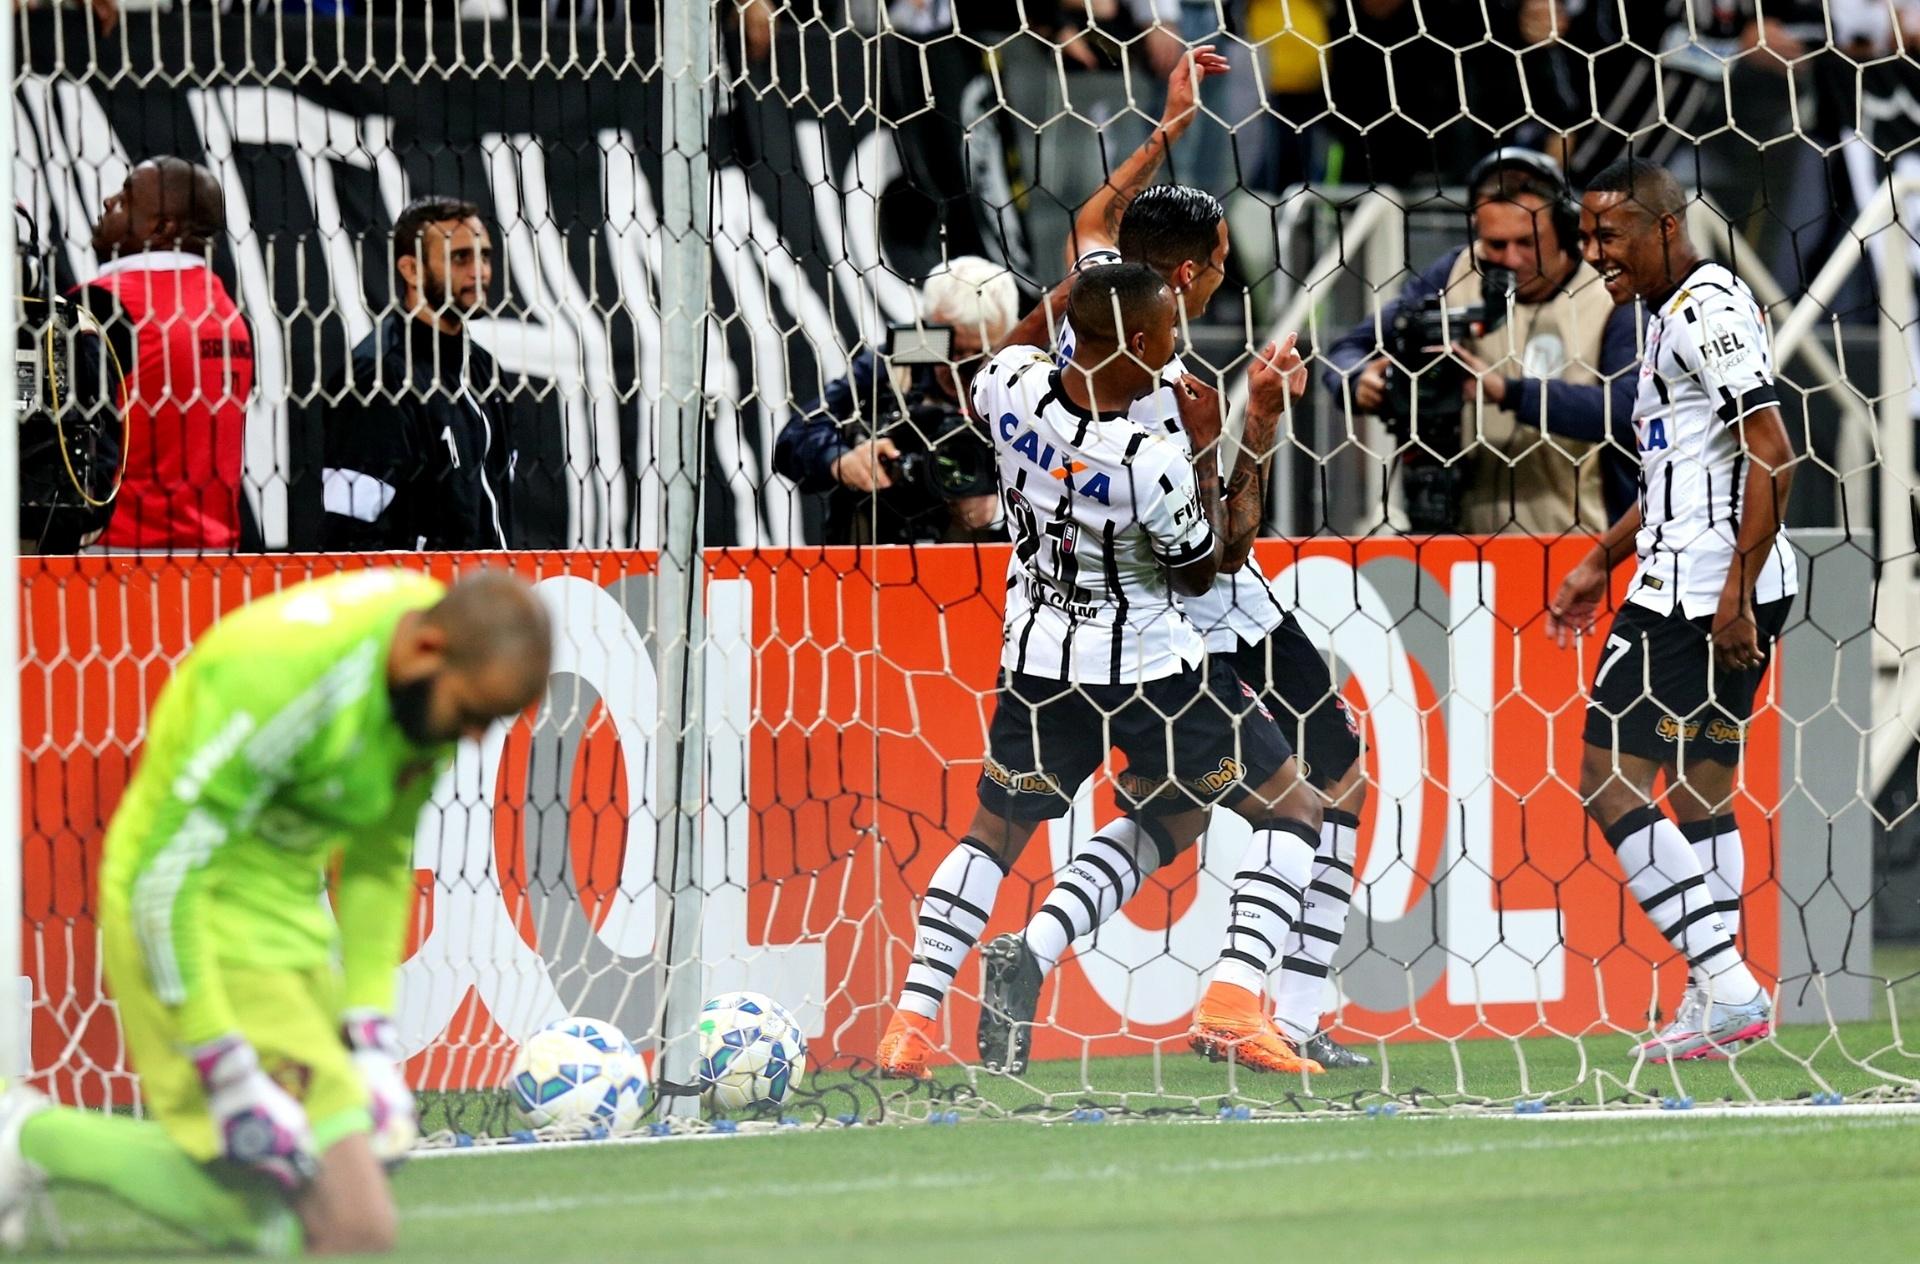 Corinthians bate Sport com pênalti (bem) polêmico e vira líder - 12 08 2015  - UOL Esporte d2b94106f4c40